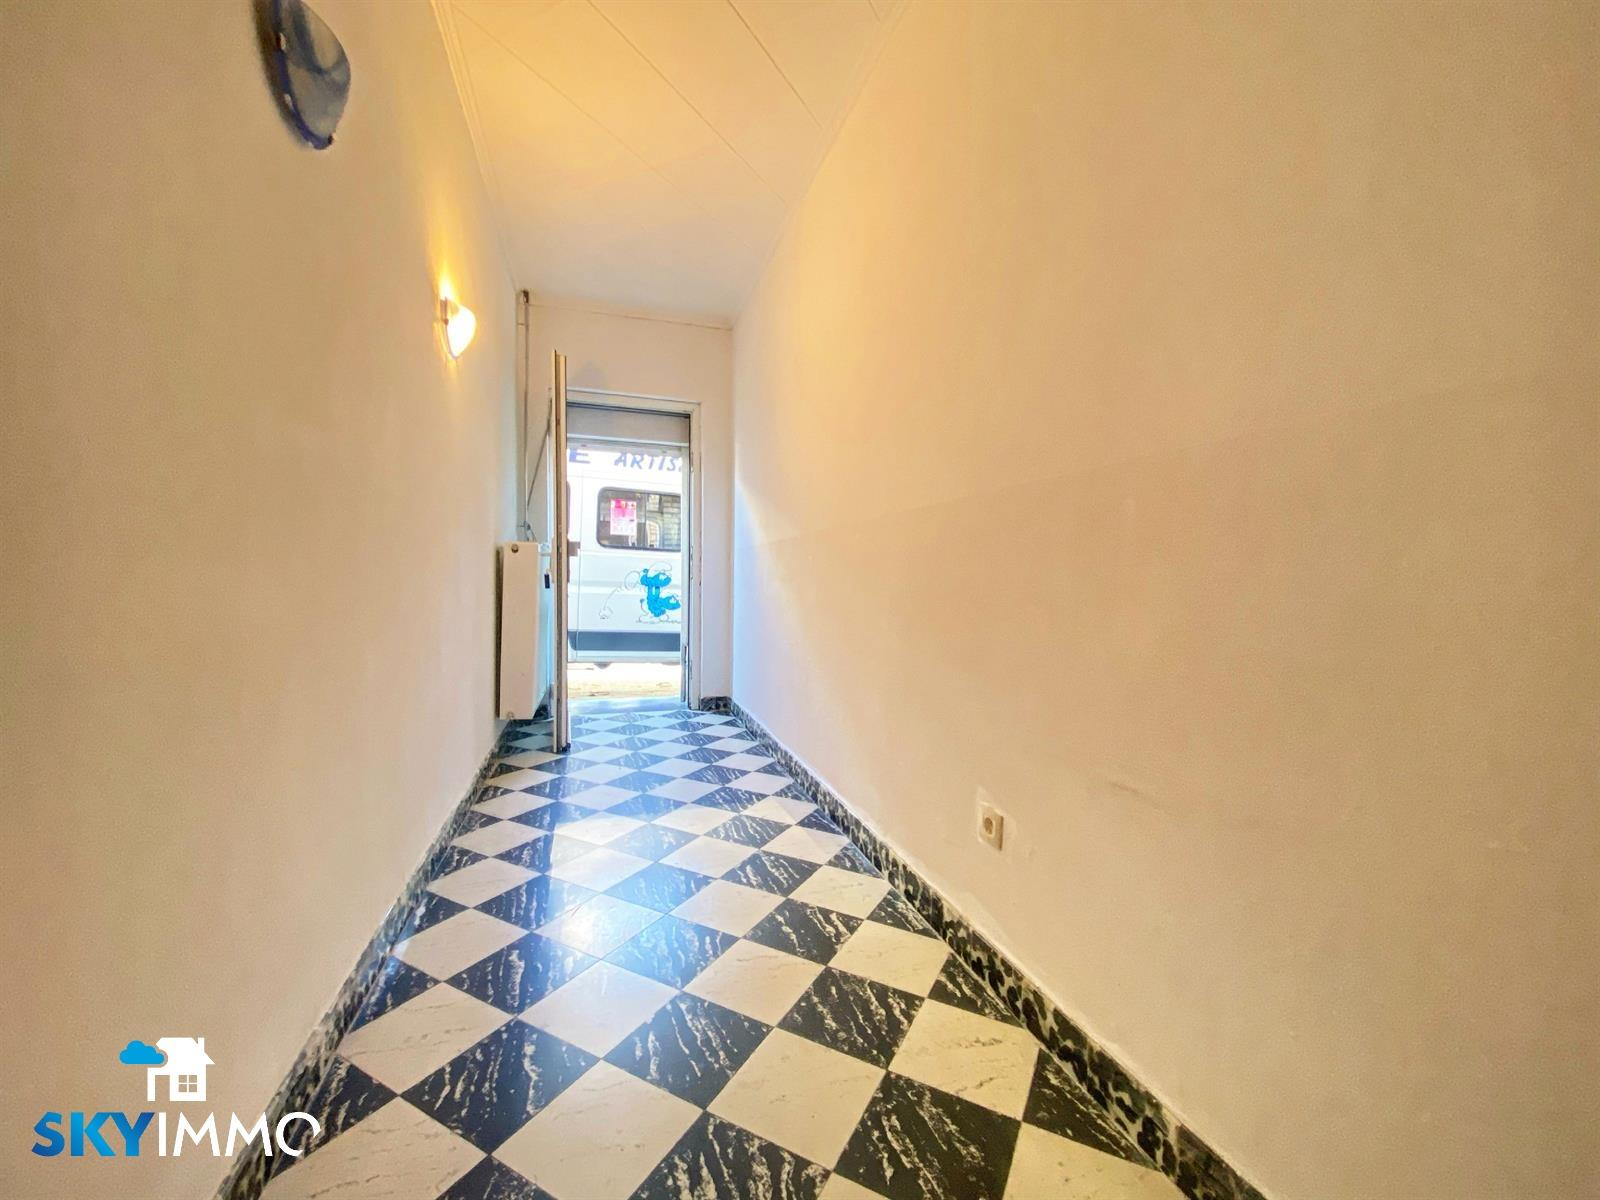 Bel-étage - Flemalle - #4295119-10